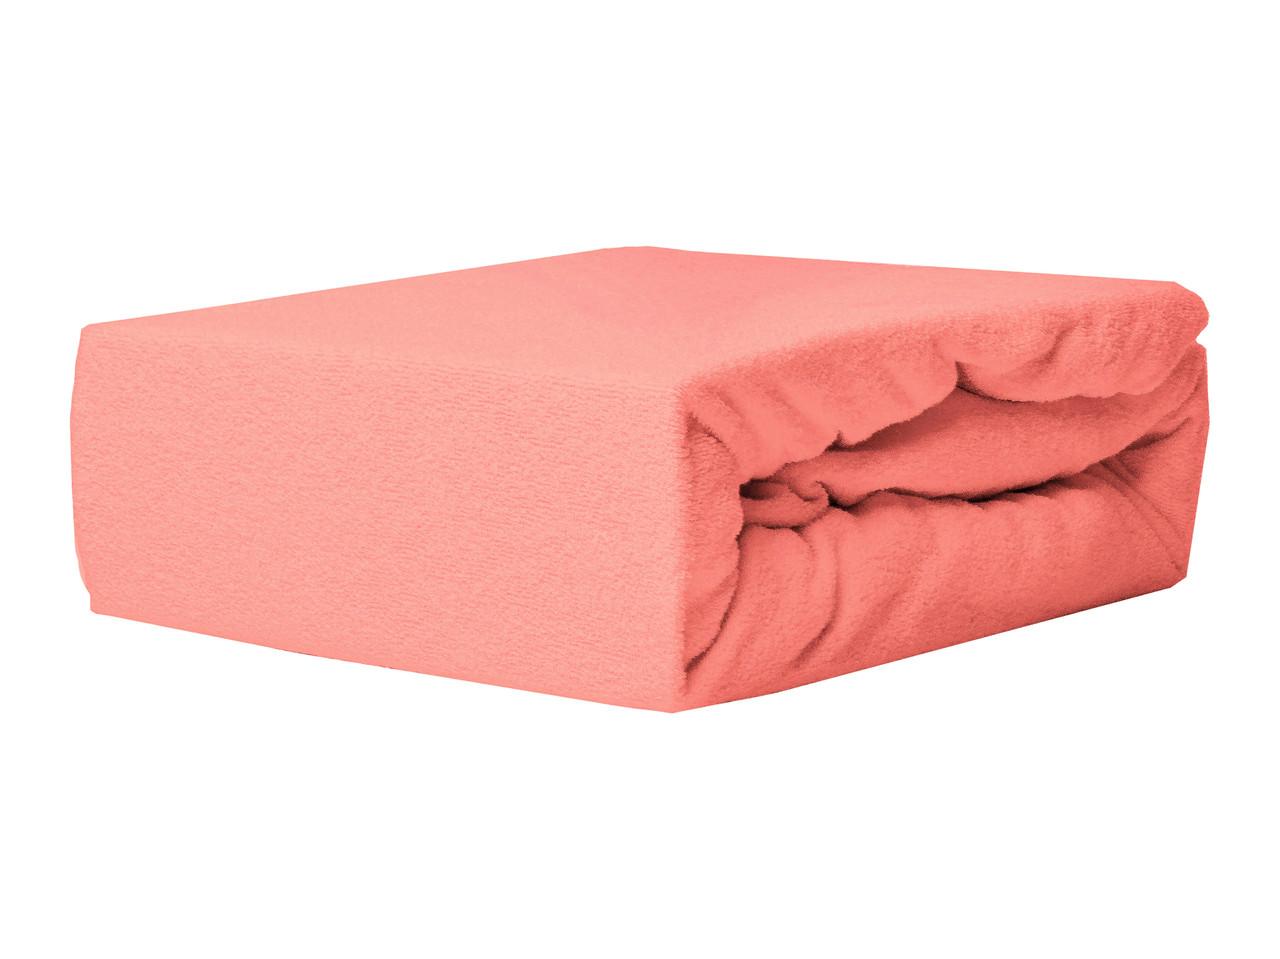 Простыня Махровая На резинке NR 012D Darymex 4974 80x160 см Розовая